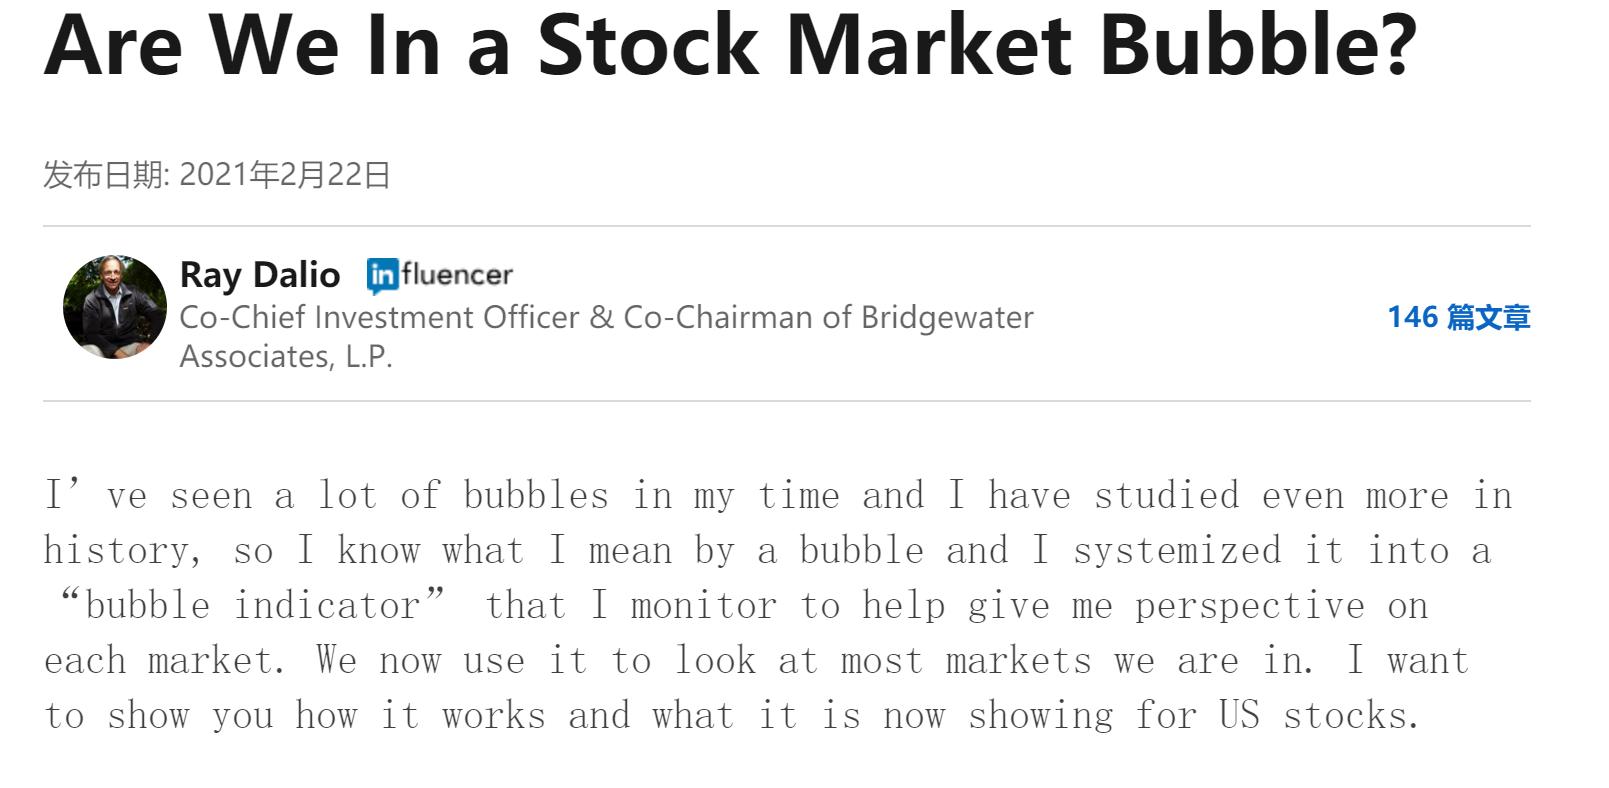 达利欧谈美股市场泡沫:还没到历史最严重水平